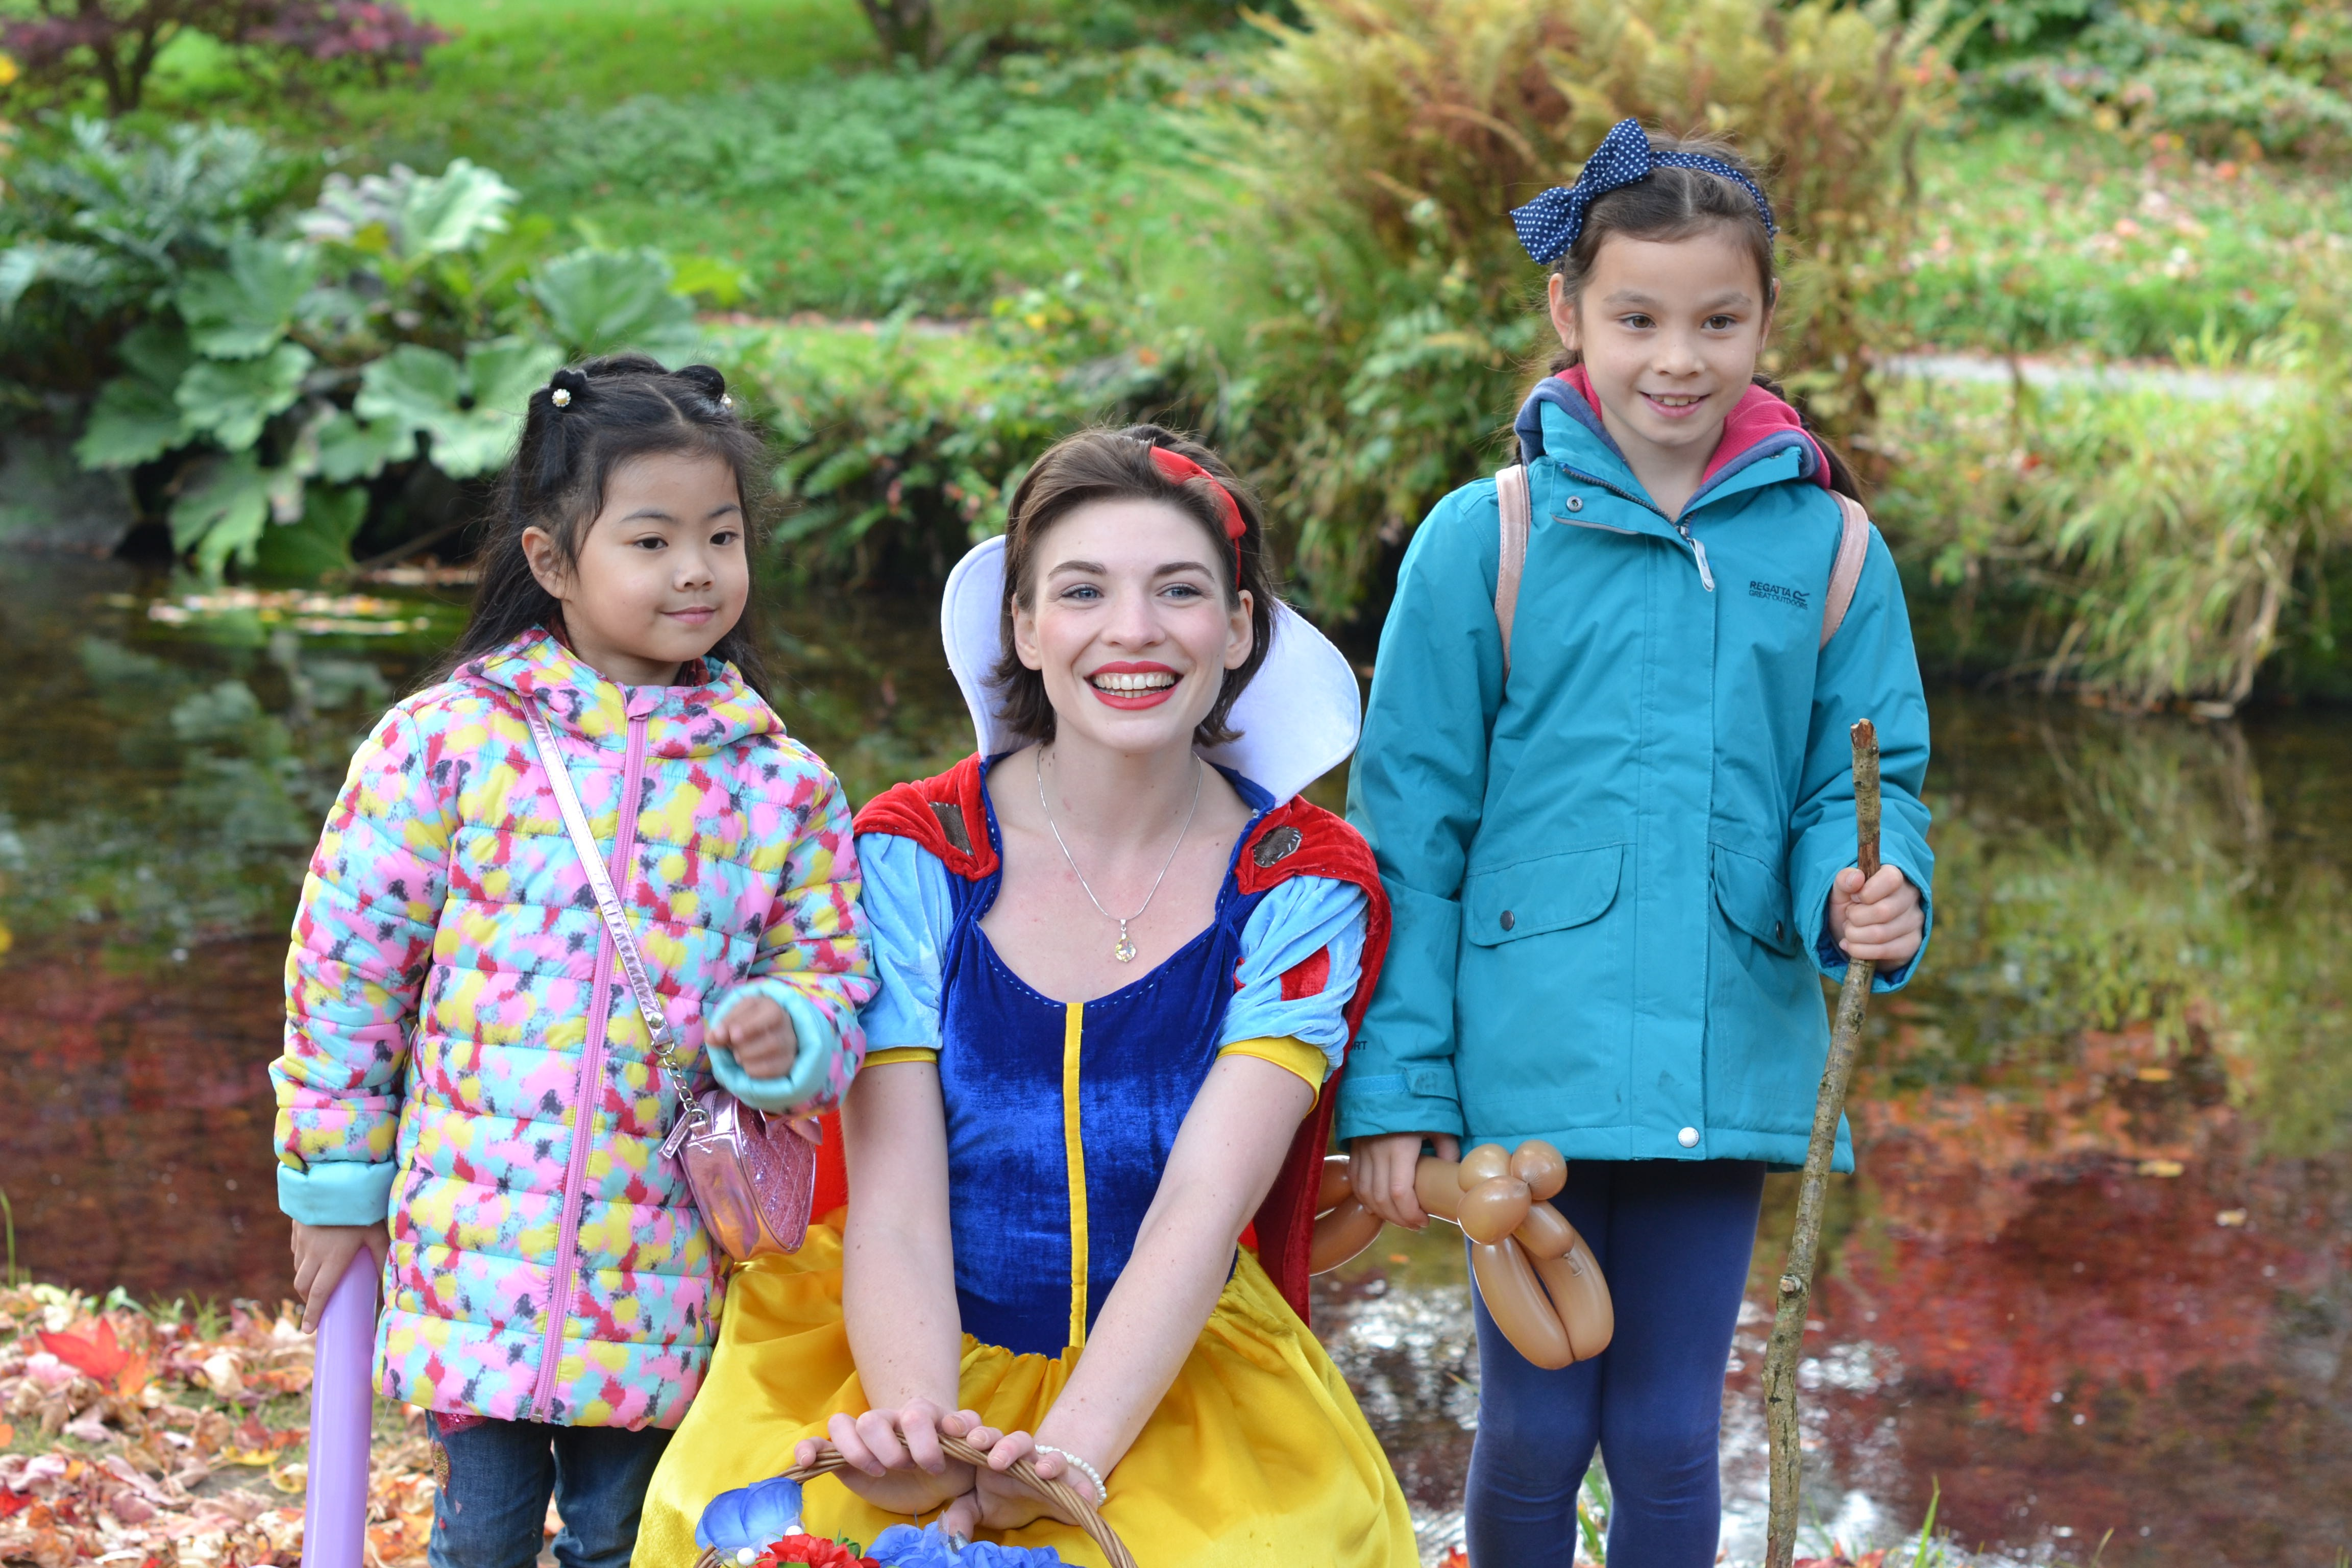 Disney Princess Actors